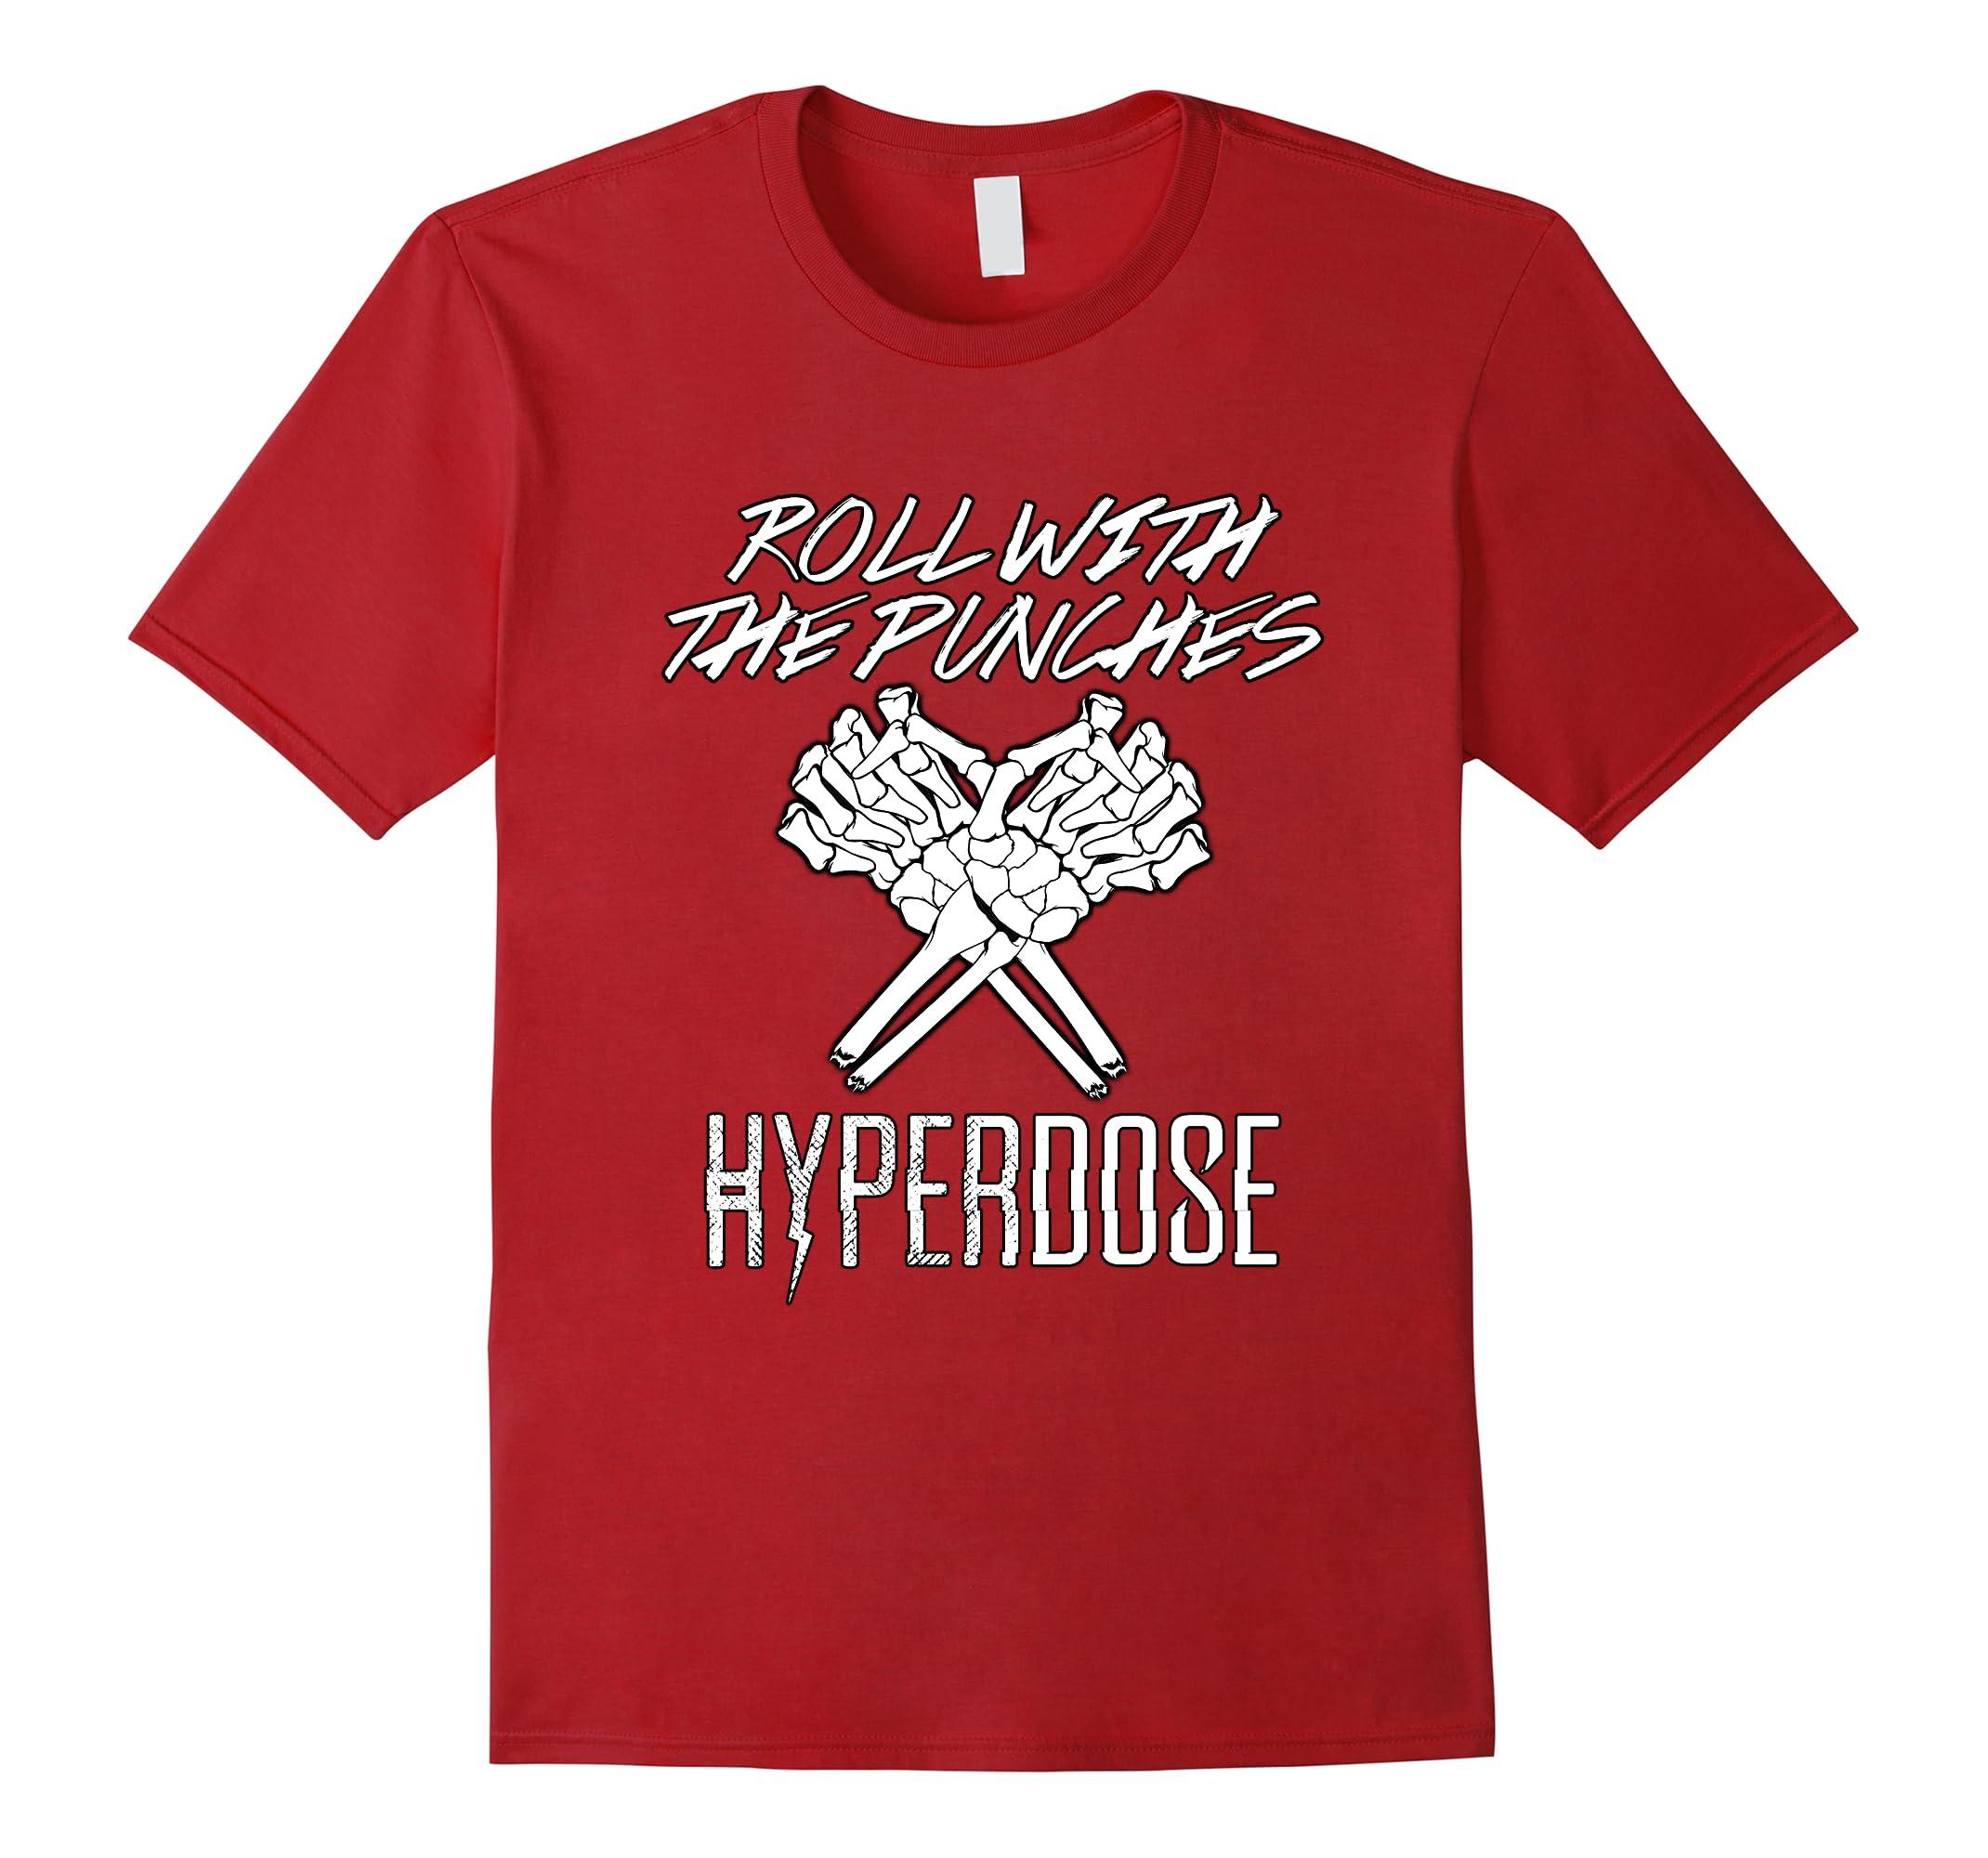 Official Hyperdose